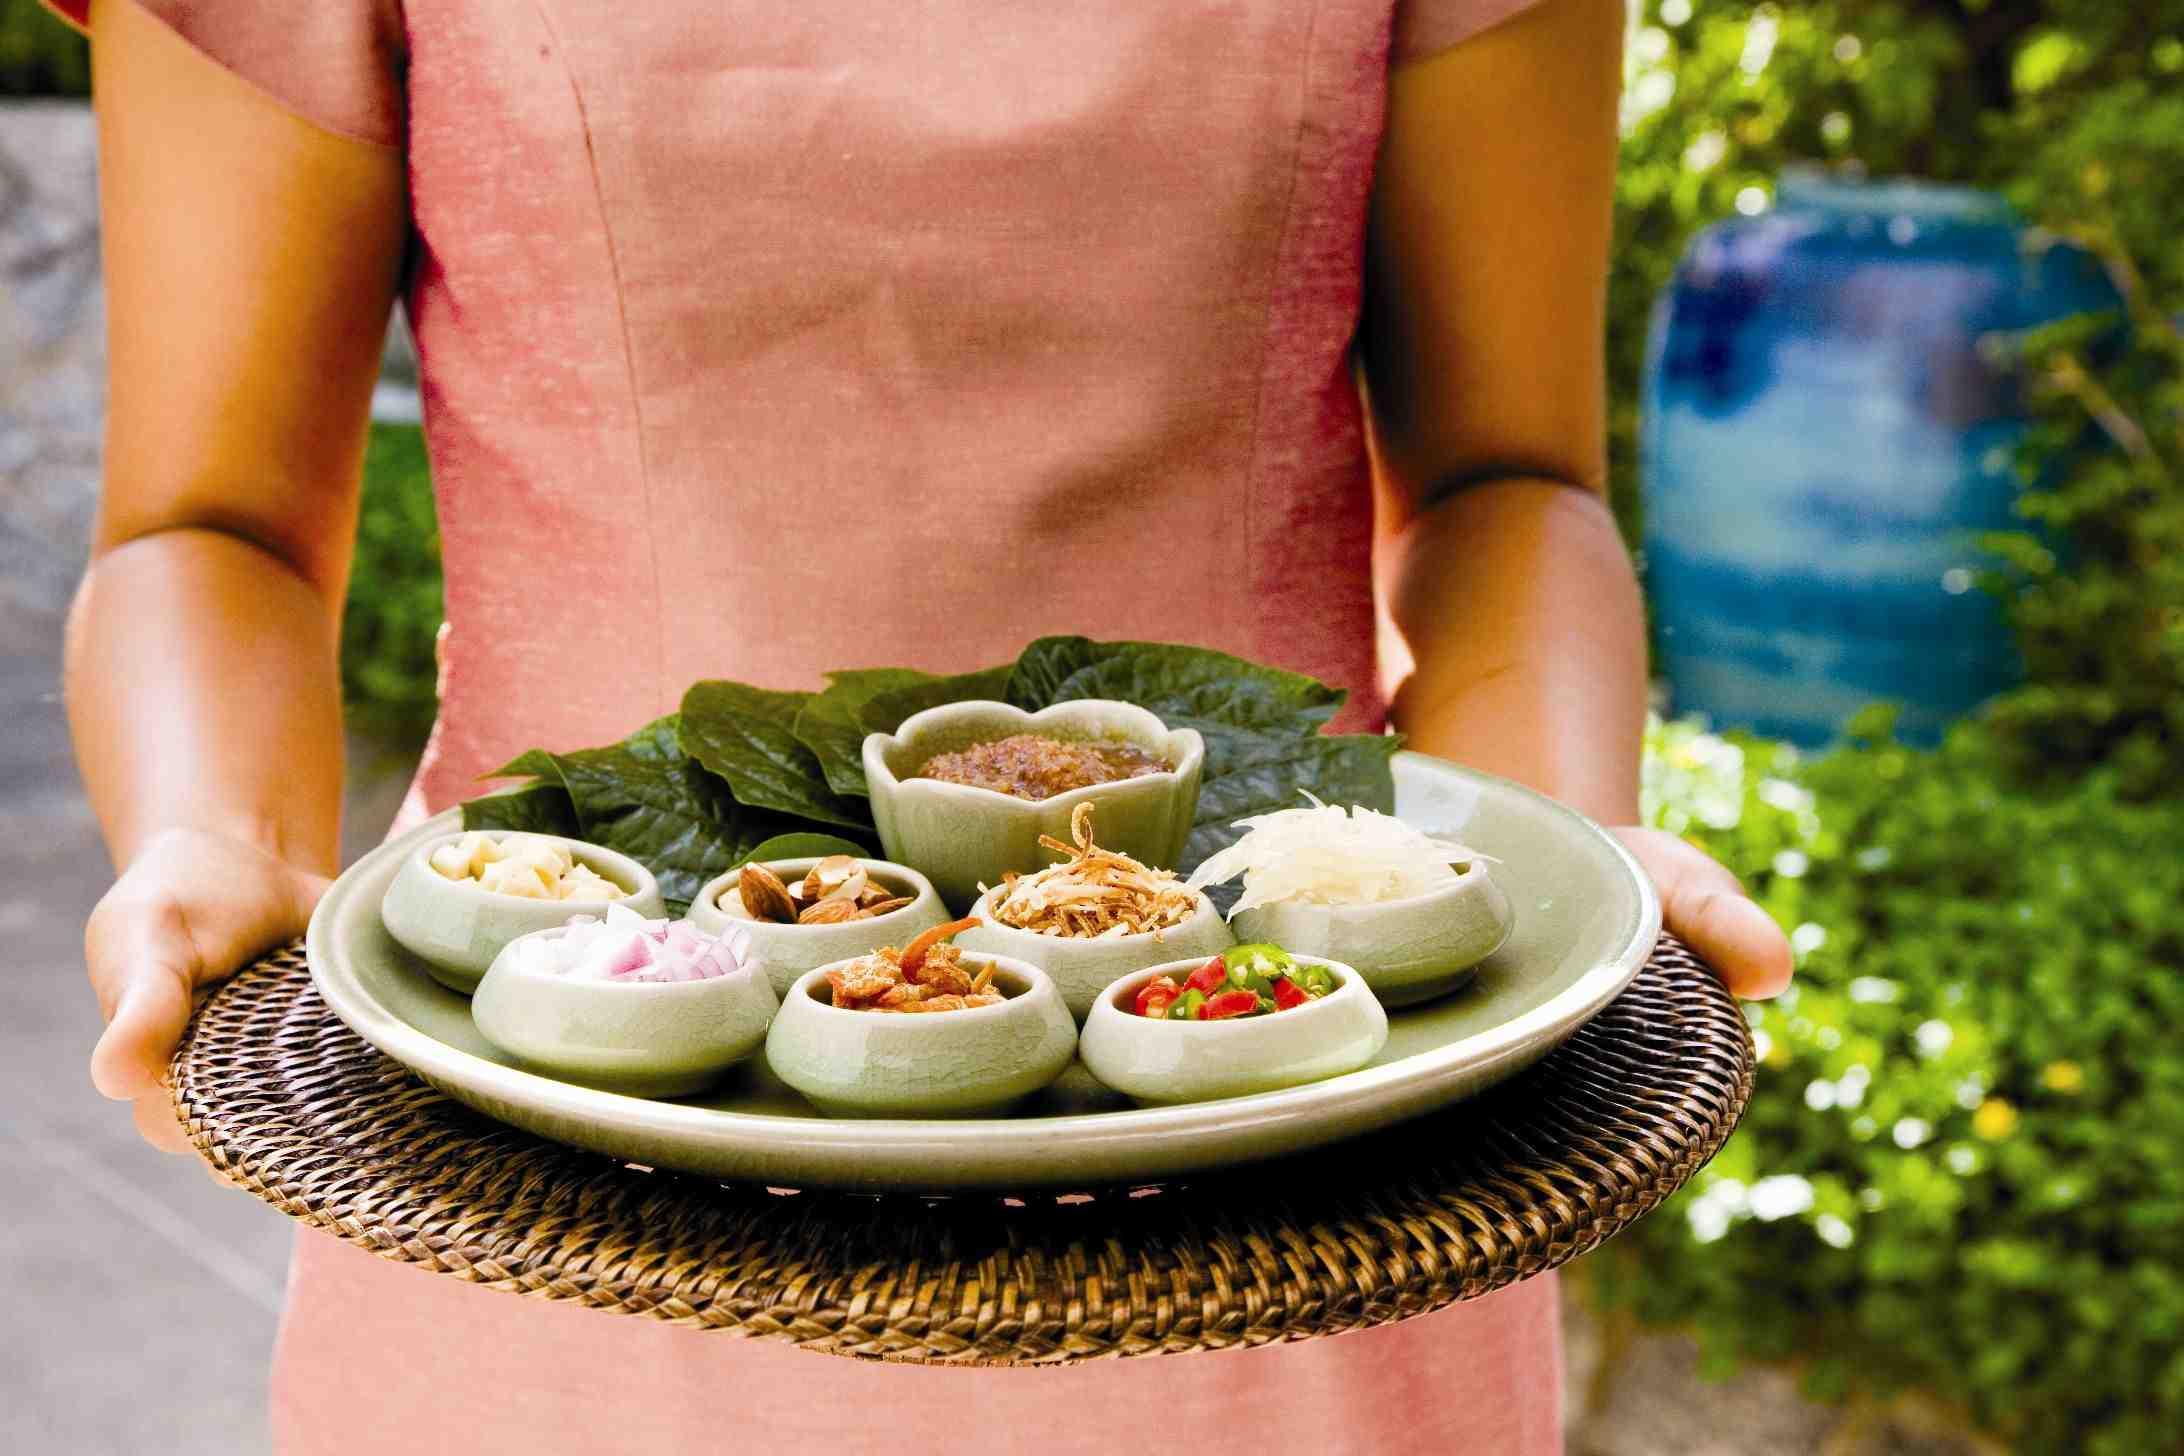 chiva_som_food_plate